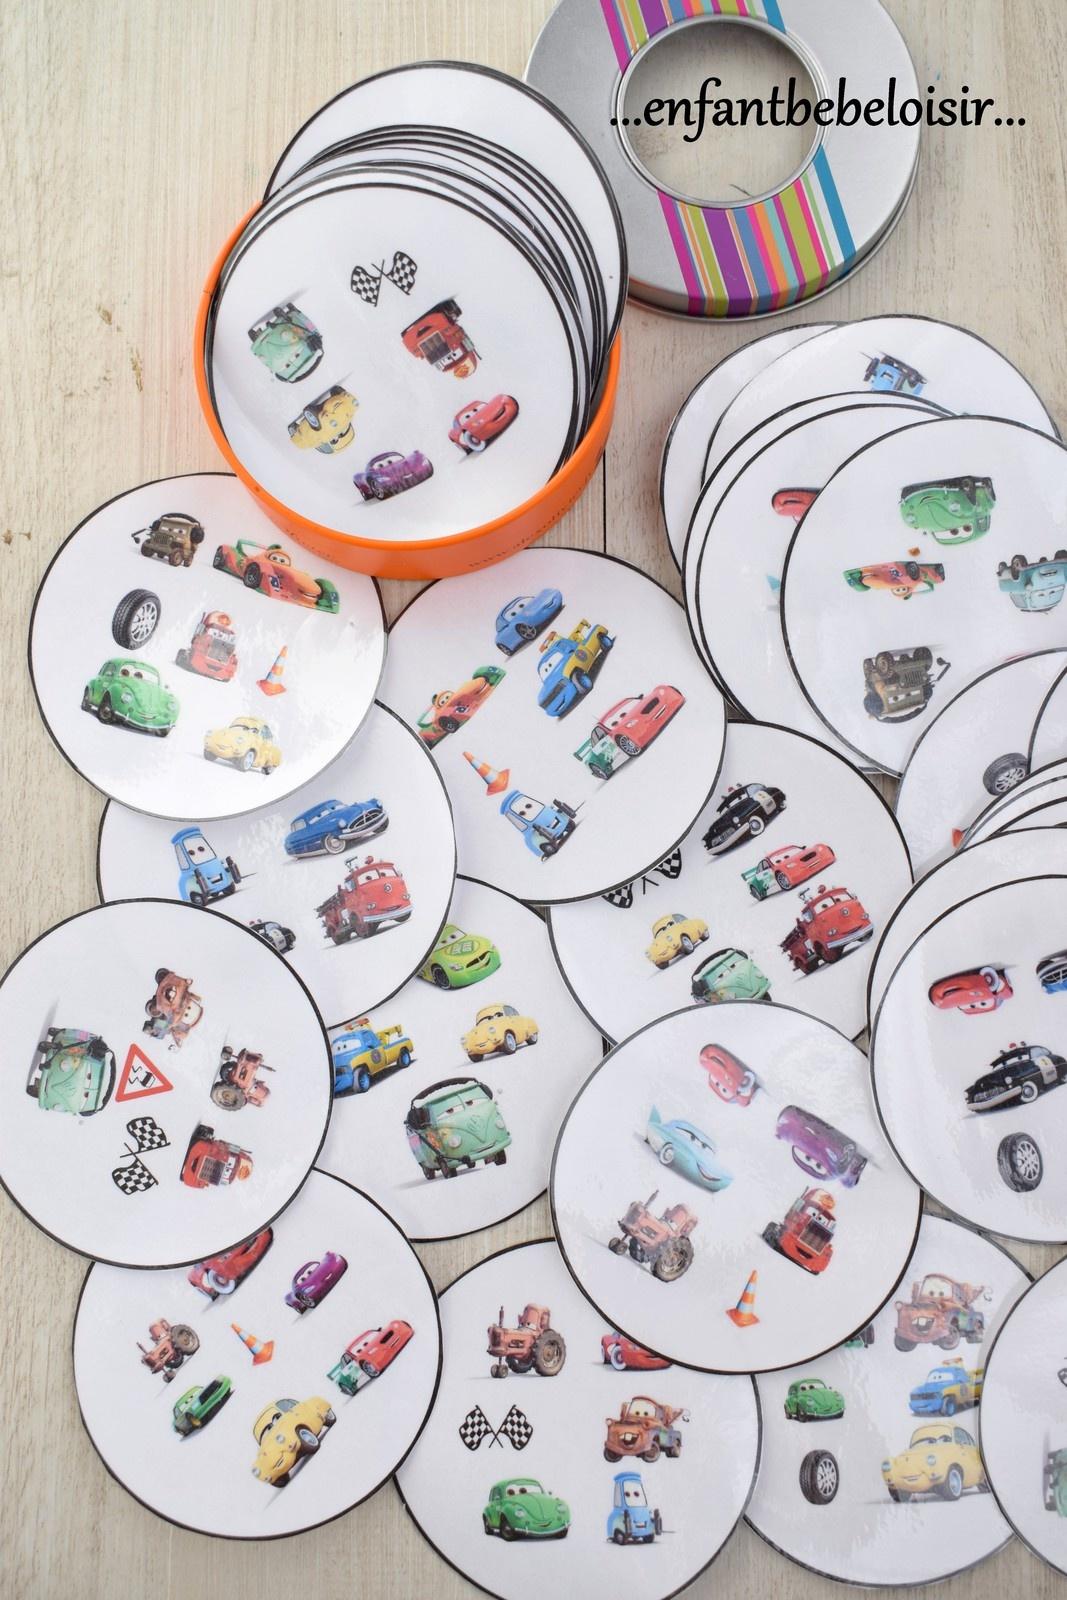 Jeu Dobble Cars Pixar À Imprimer - Gratuit - Enfant Bébé Loisir pour Jeux Educatif Gratuit Maternelle